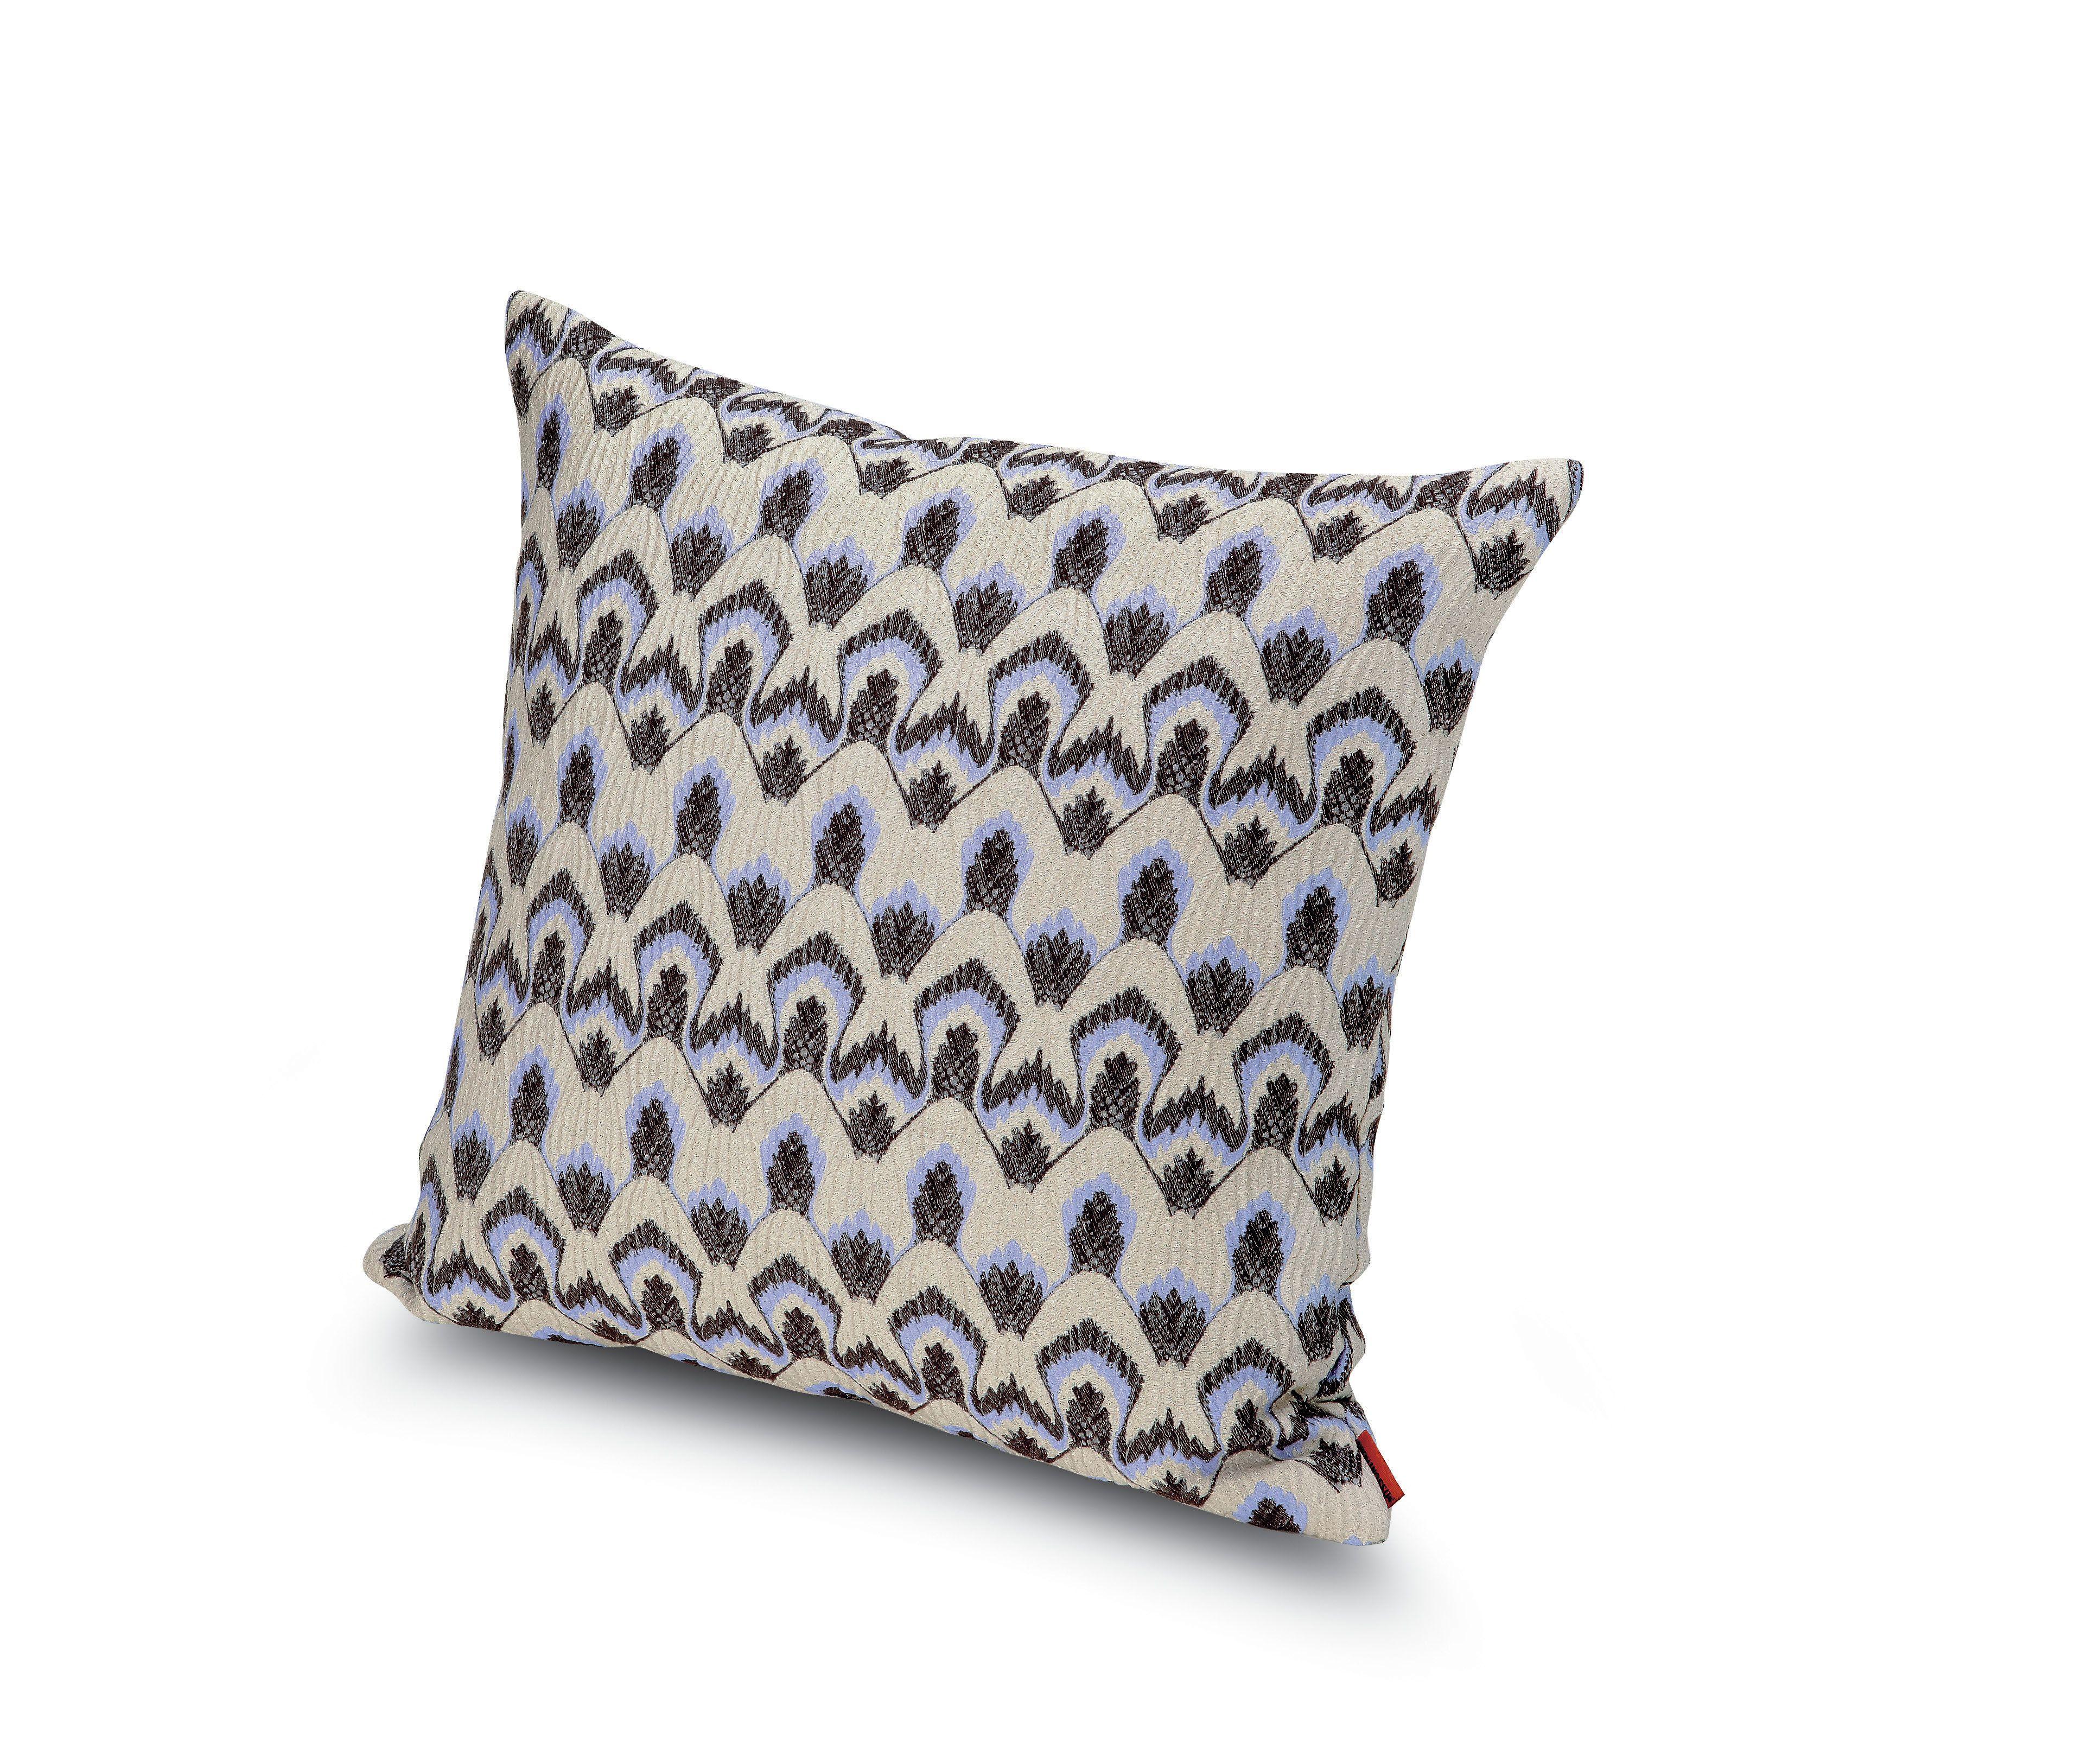 home poufs nordstrom c bedrooms decorative missoni pillows pillow